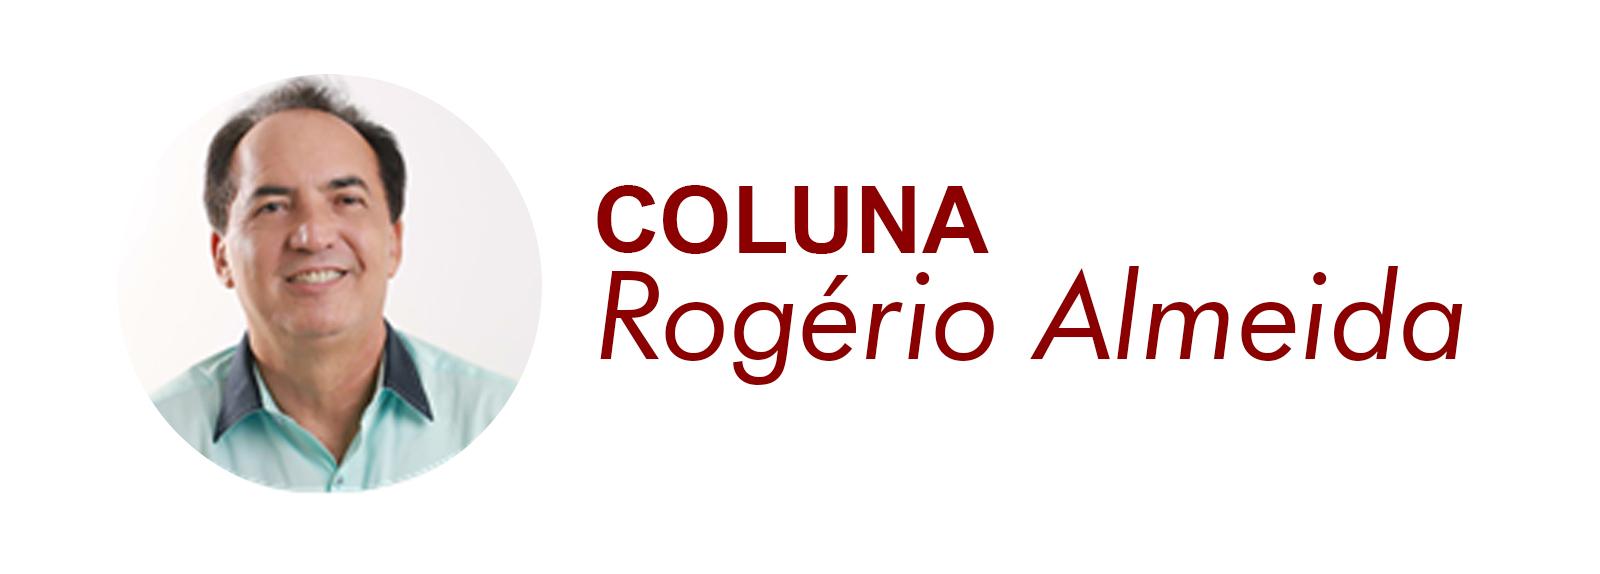 Coluna Fácil: Rogério Almeida